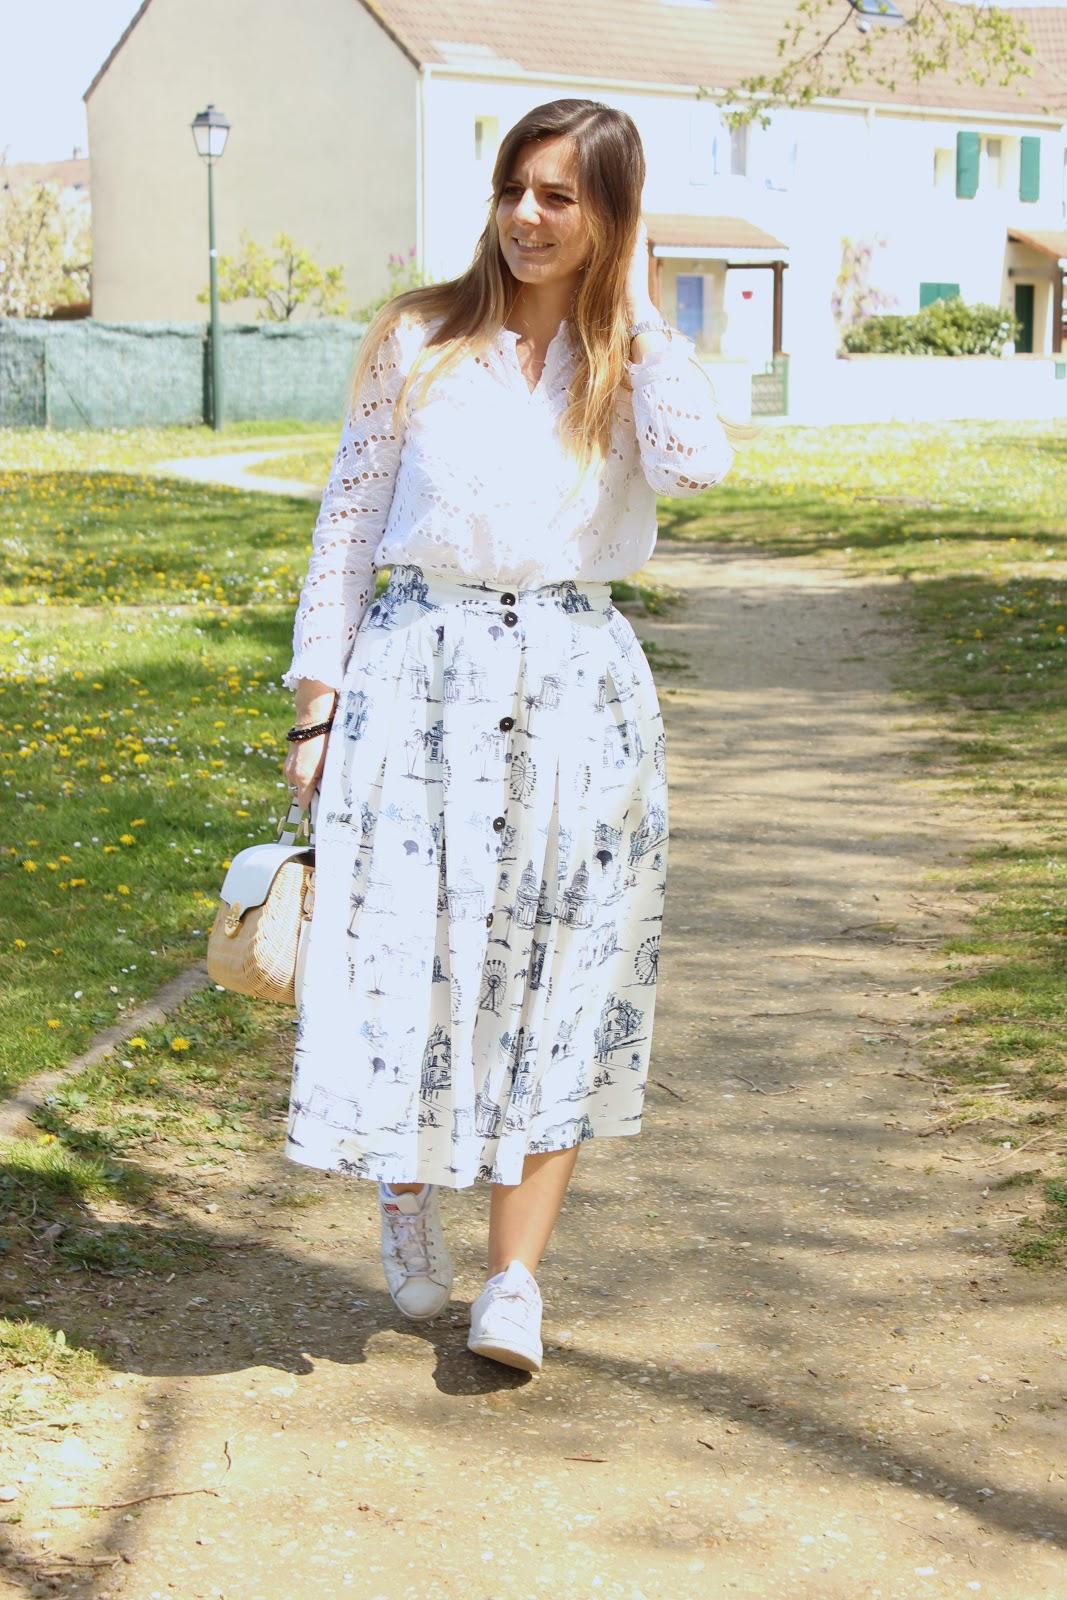 comment porter une jupe midi de manière casual, jupe maje, les petites bulles de ma vie